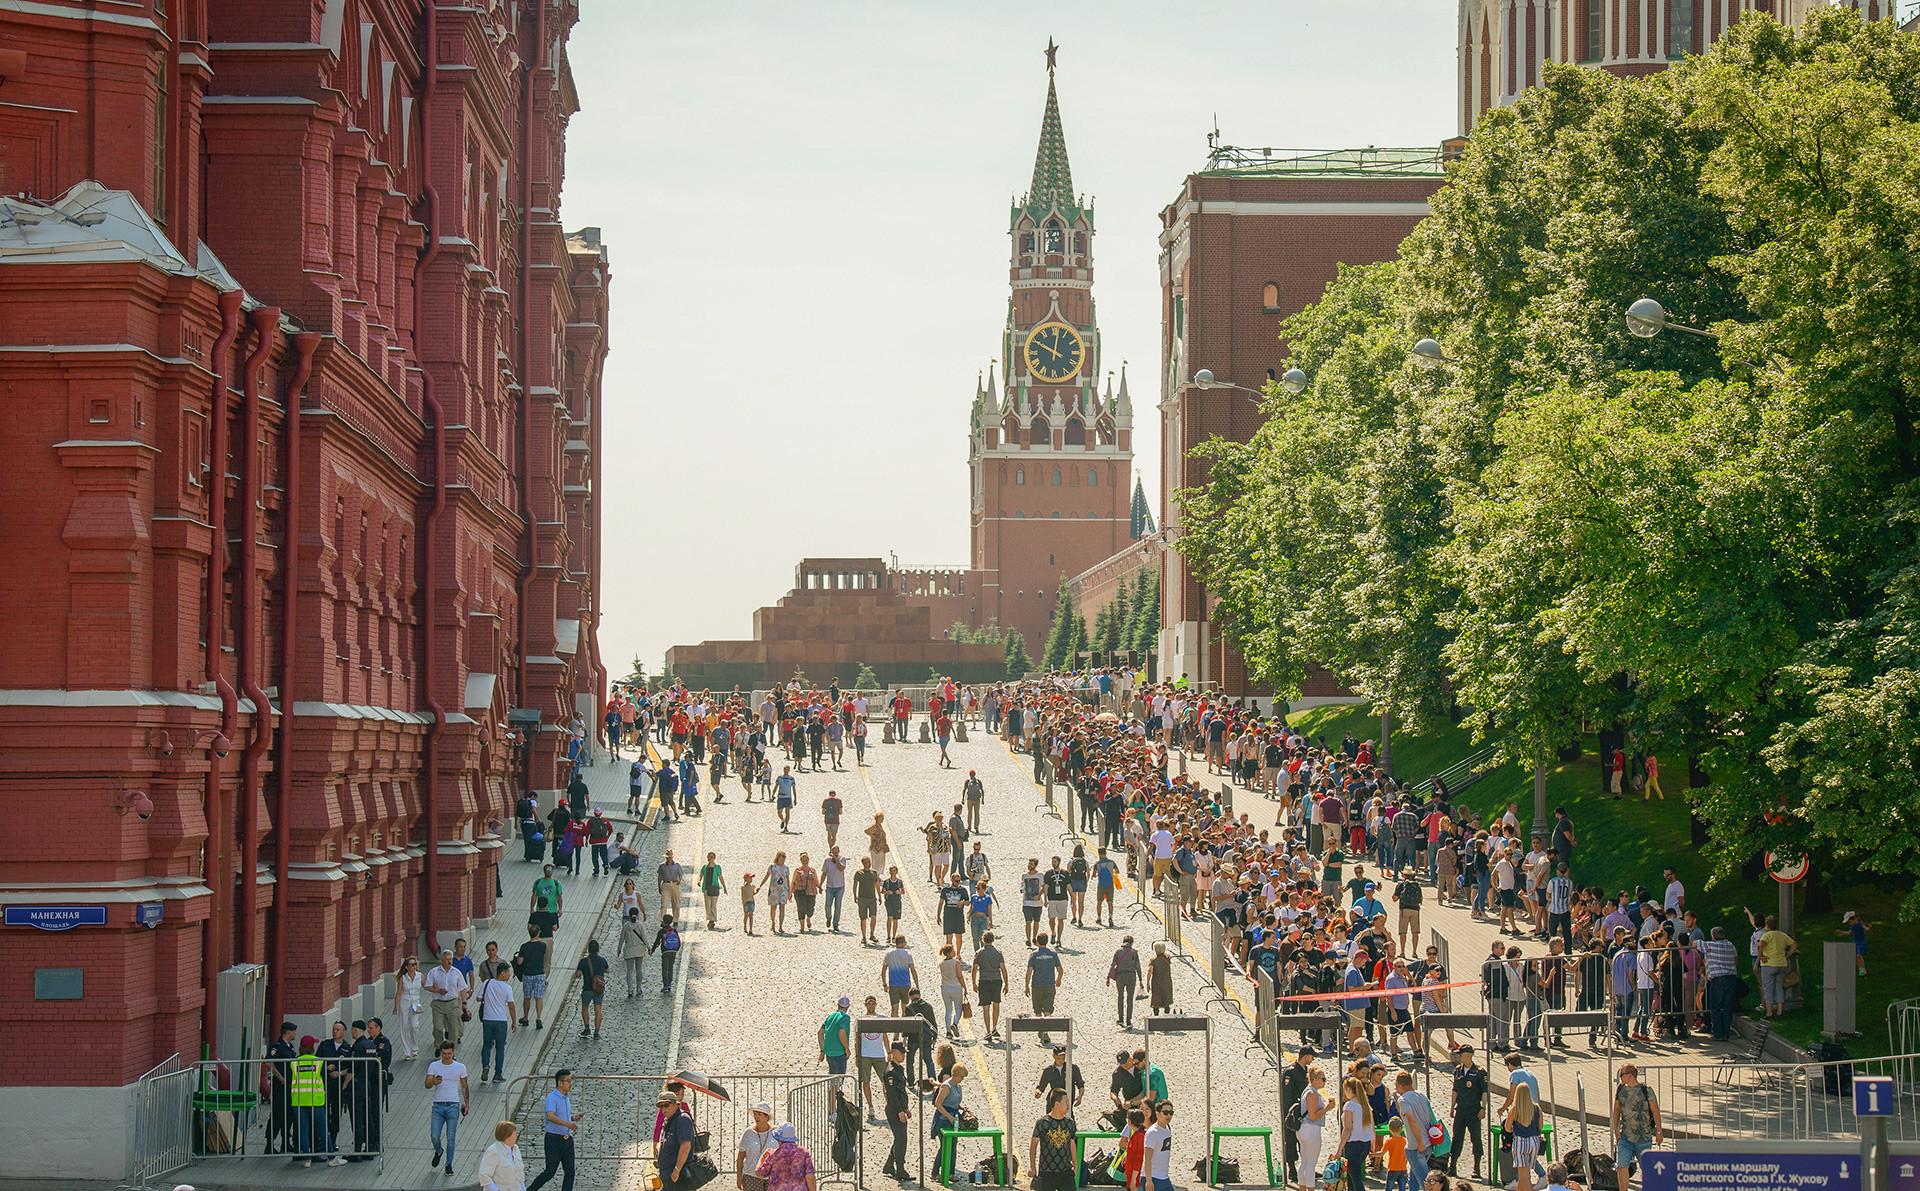 Turisti čakajo v koloni pred Leninovim mavzolejem na Rdečem trgu, Moskva